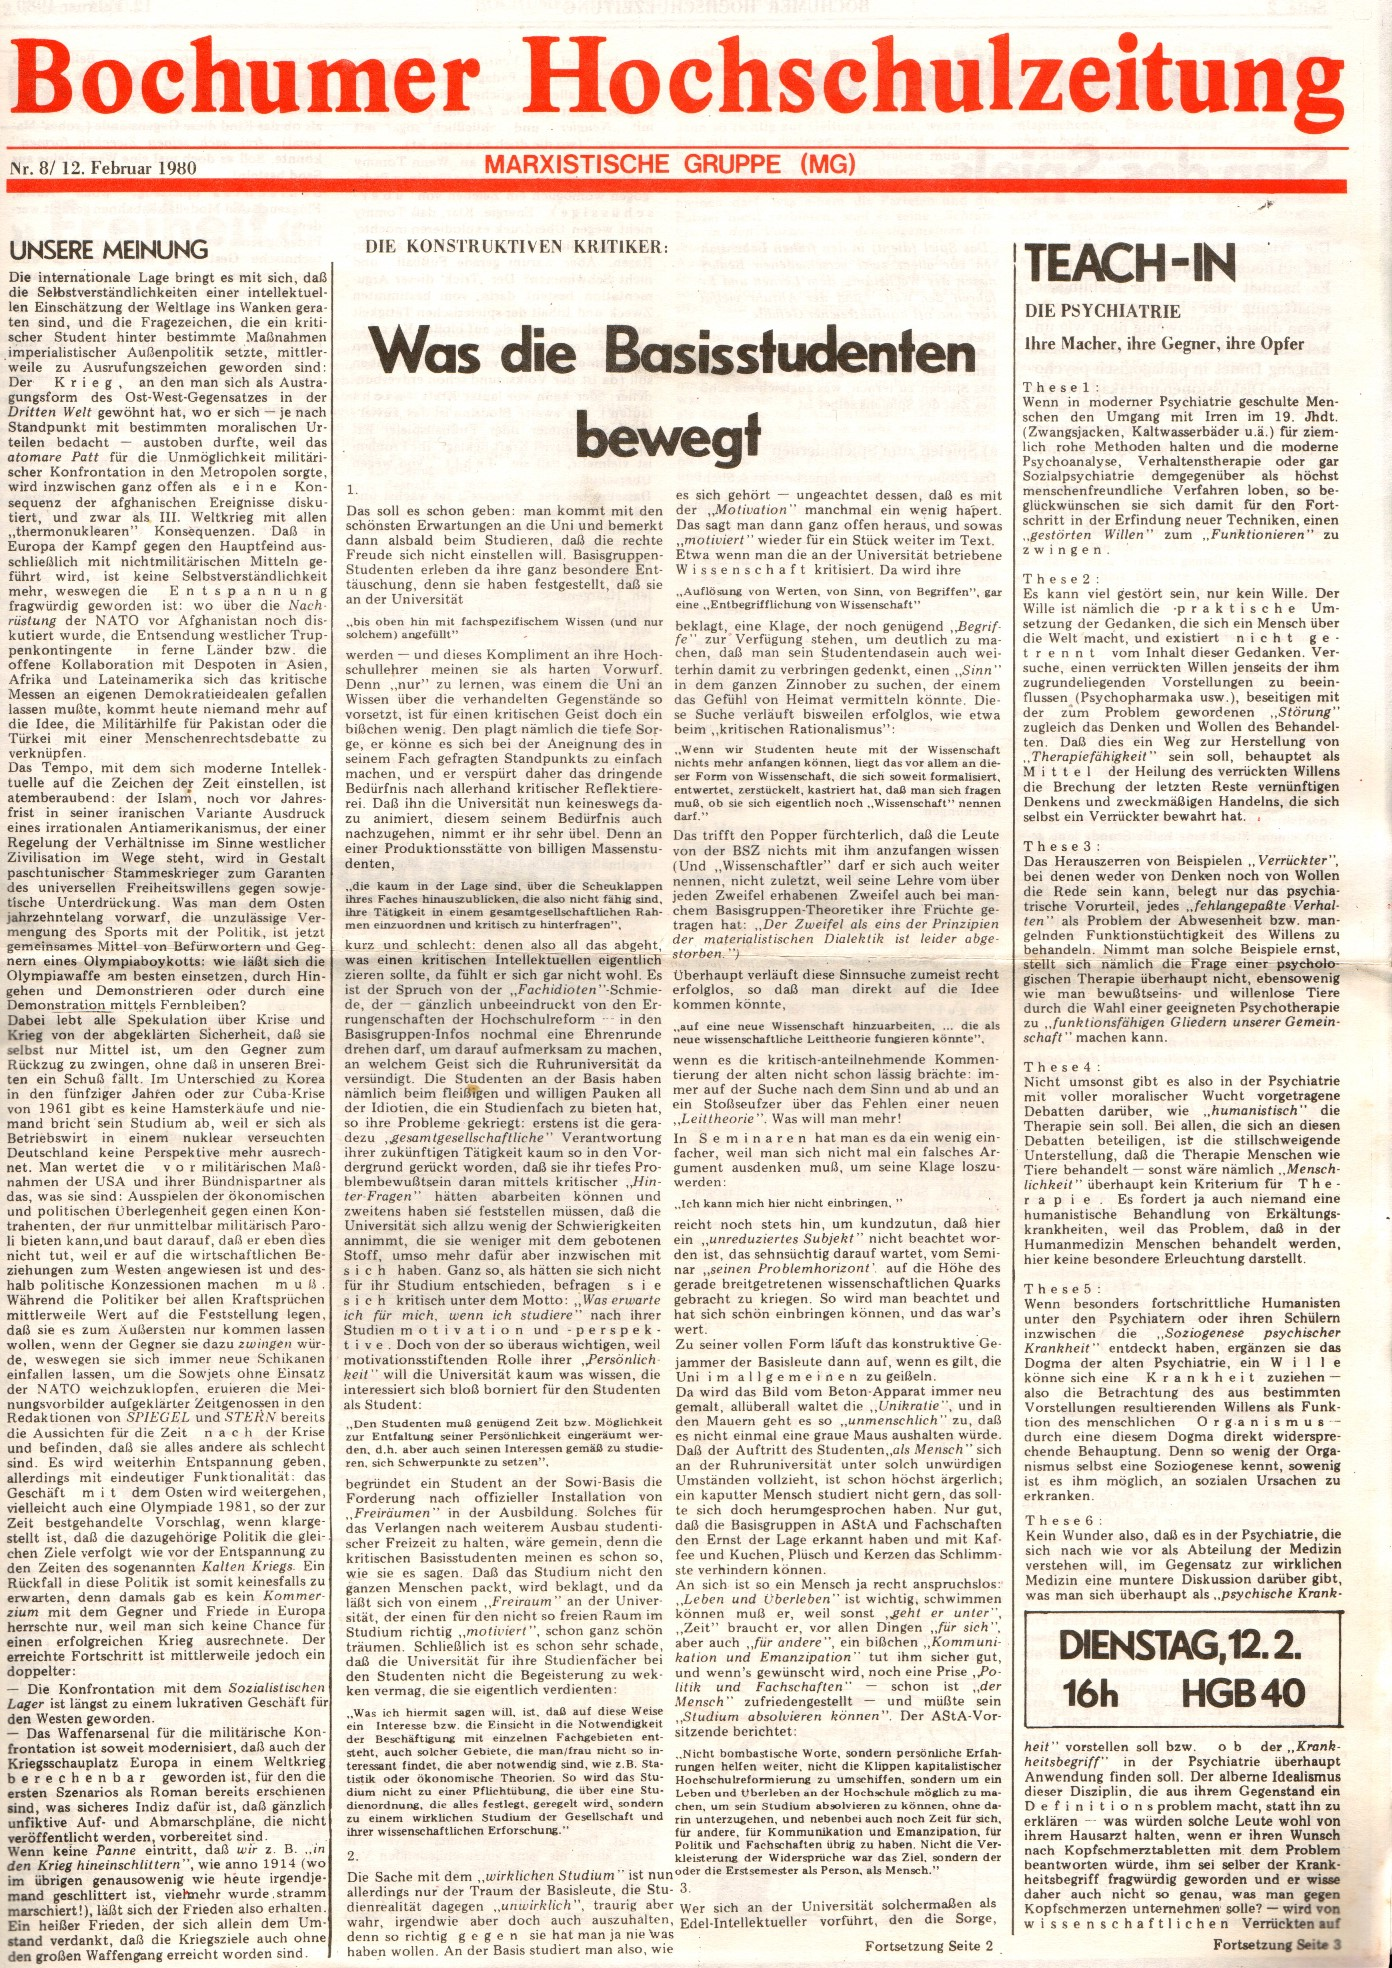 MG_Bochumer_Hochschulzeitung_19800212_01